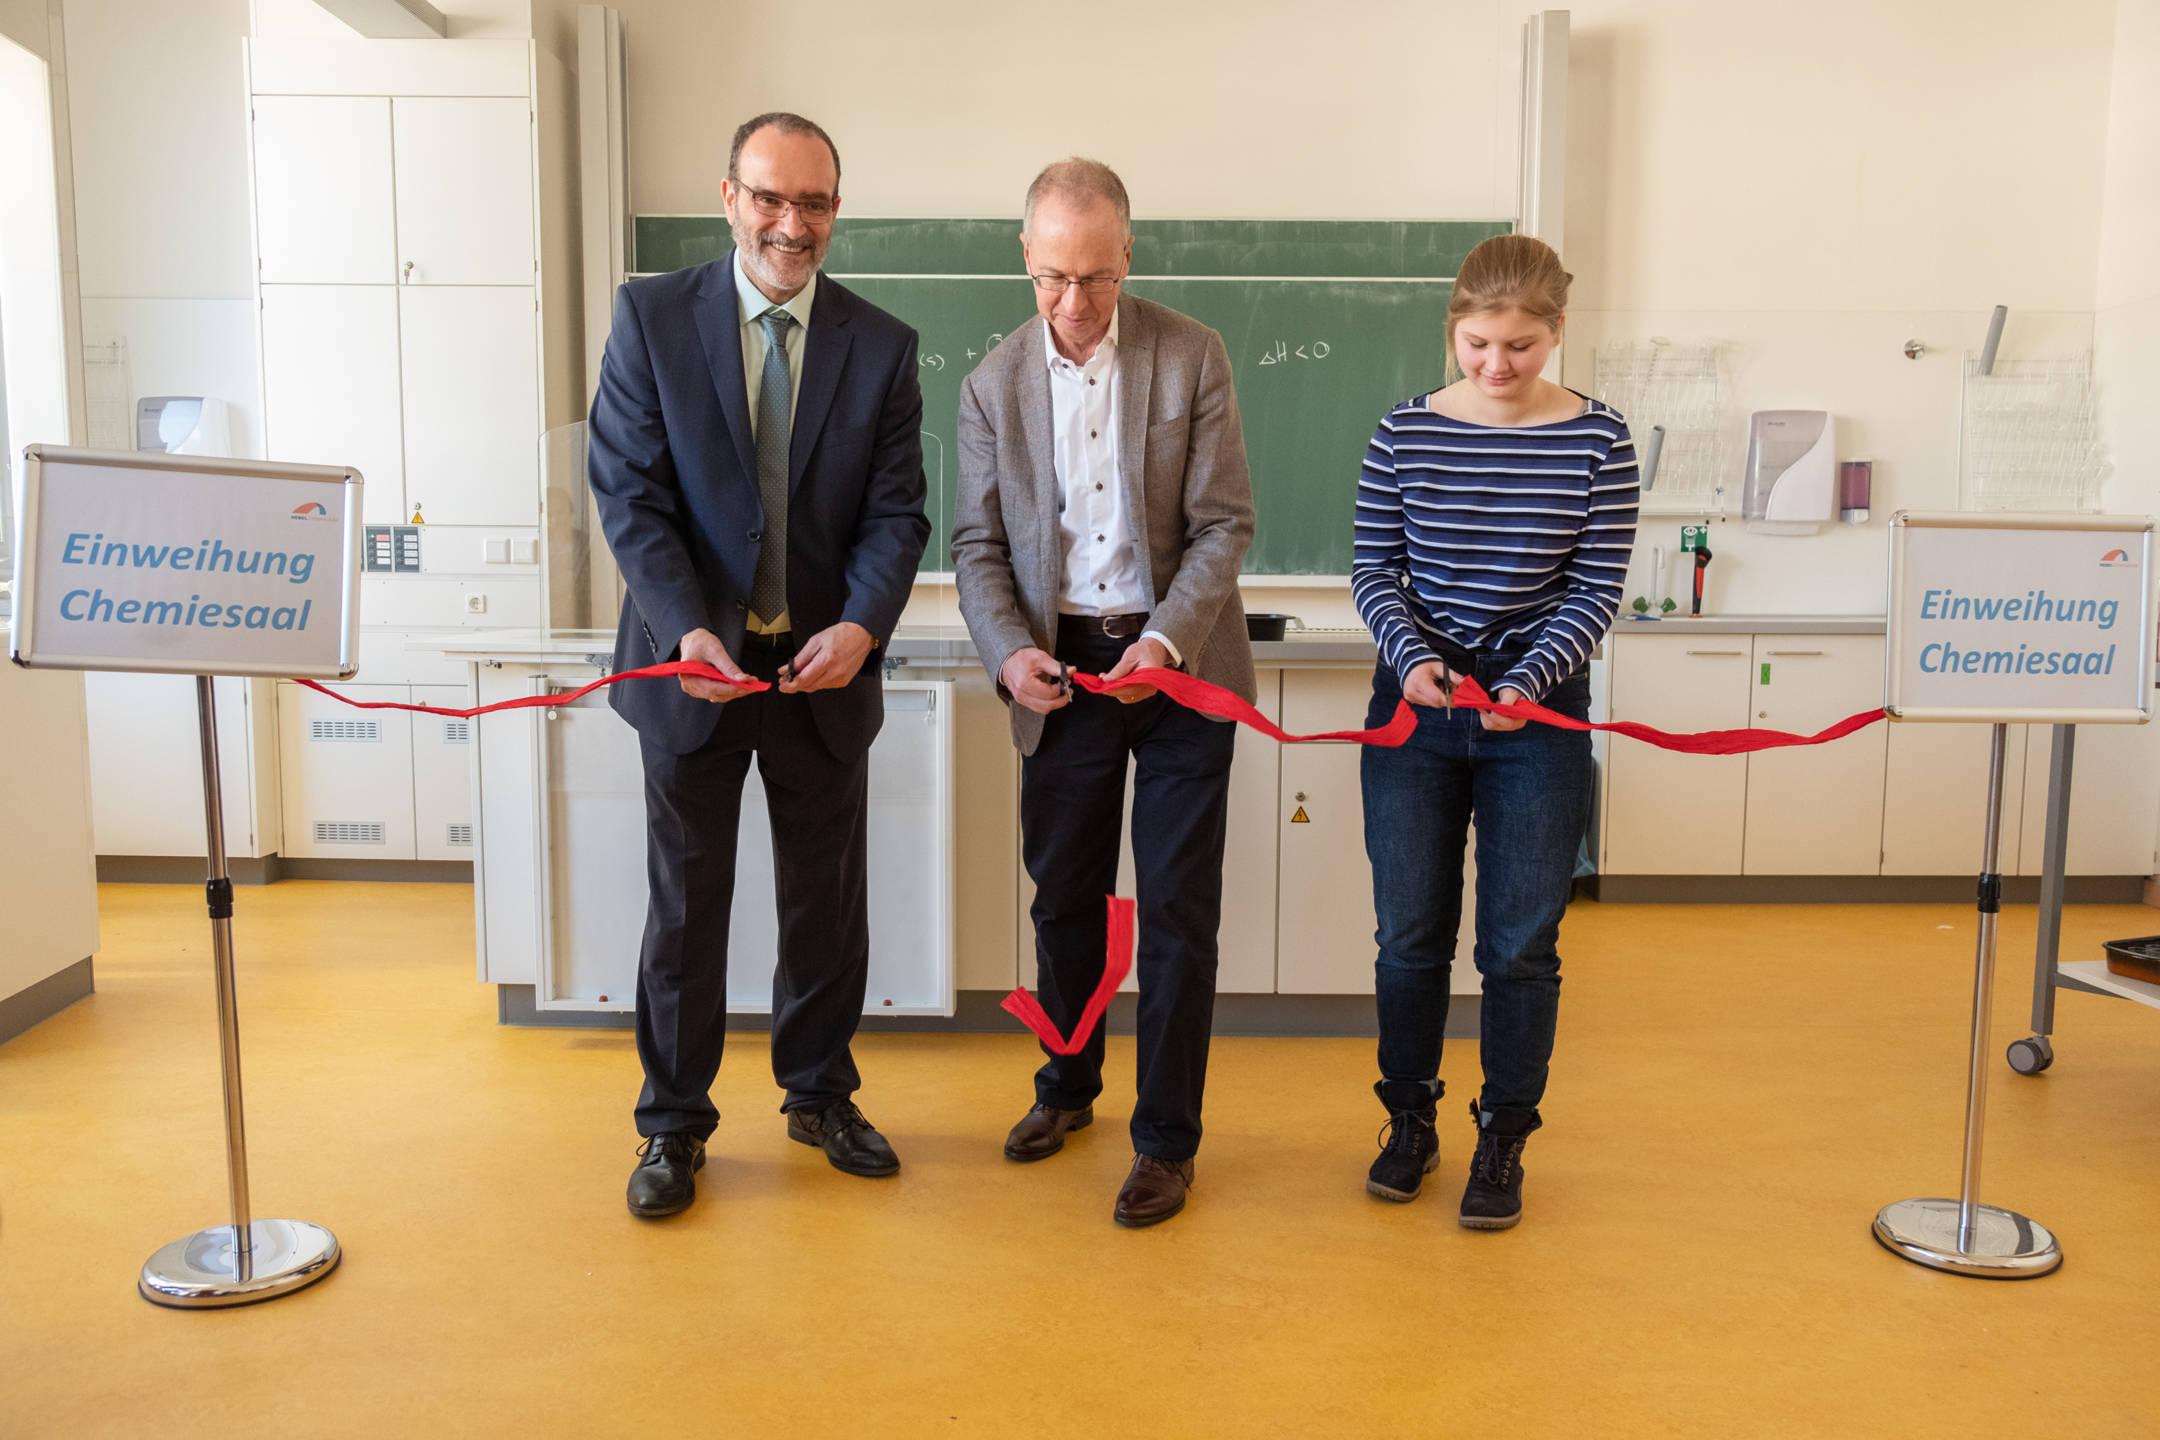 Neuer Chemiesaal feierlich eingeweiht